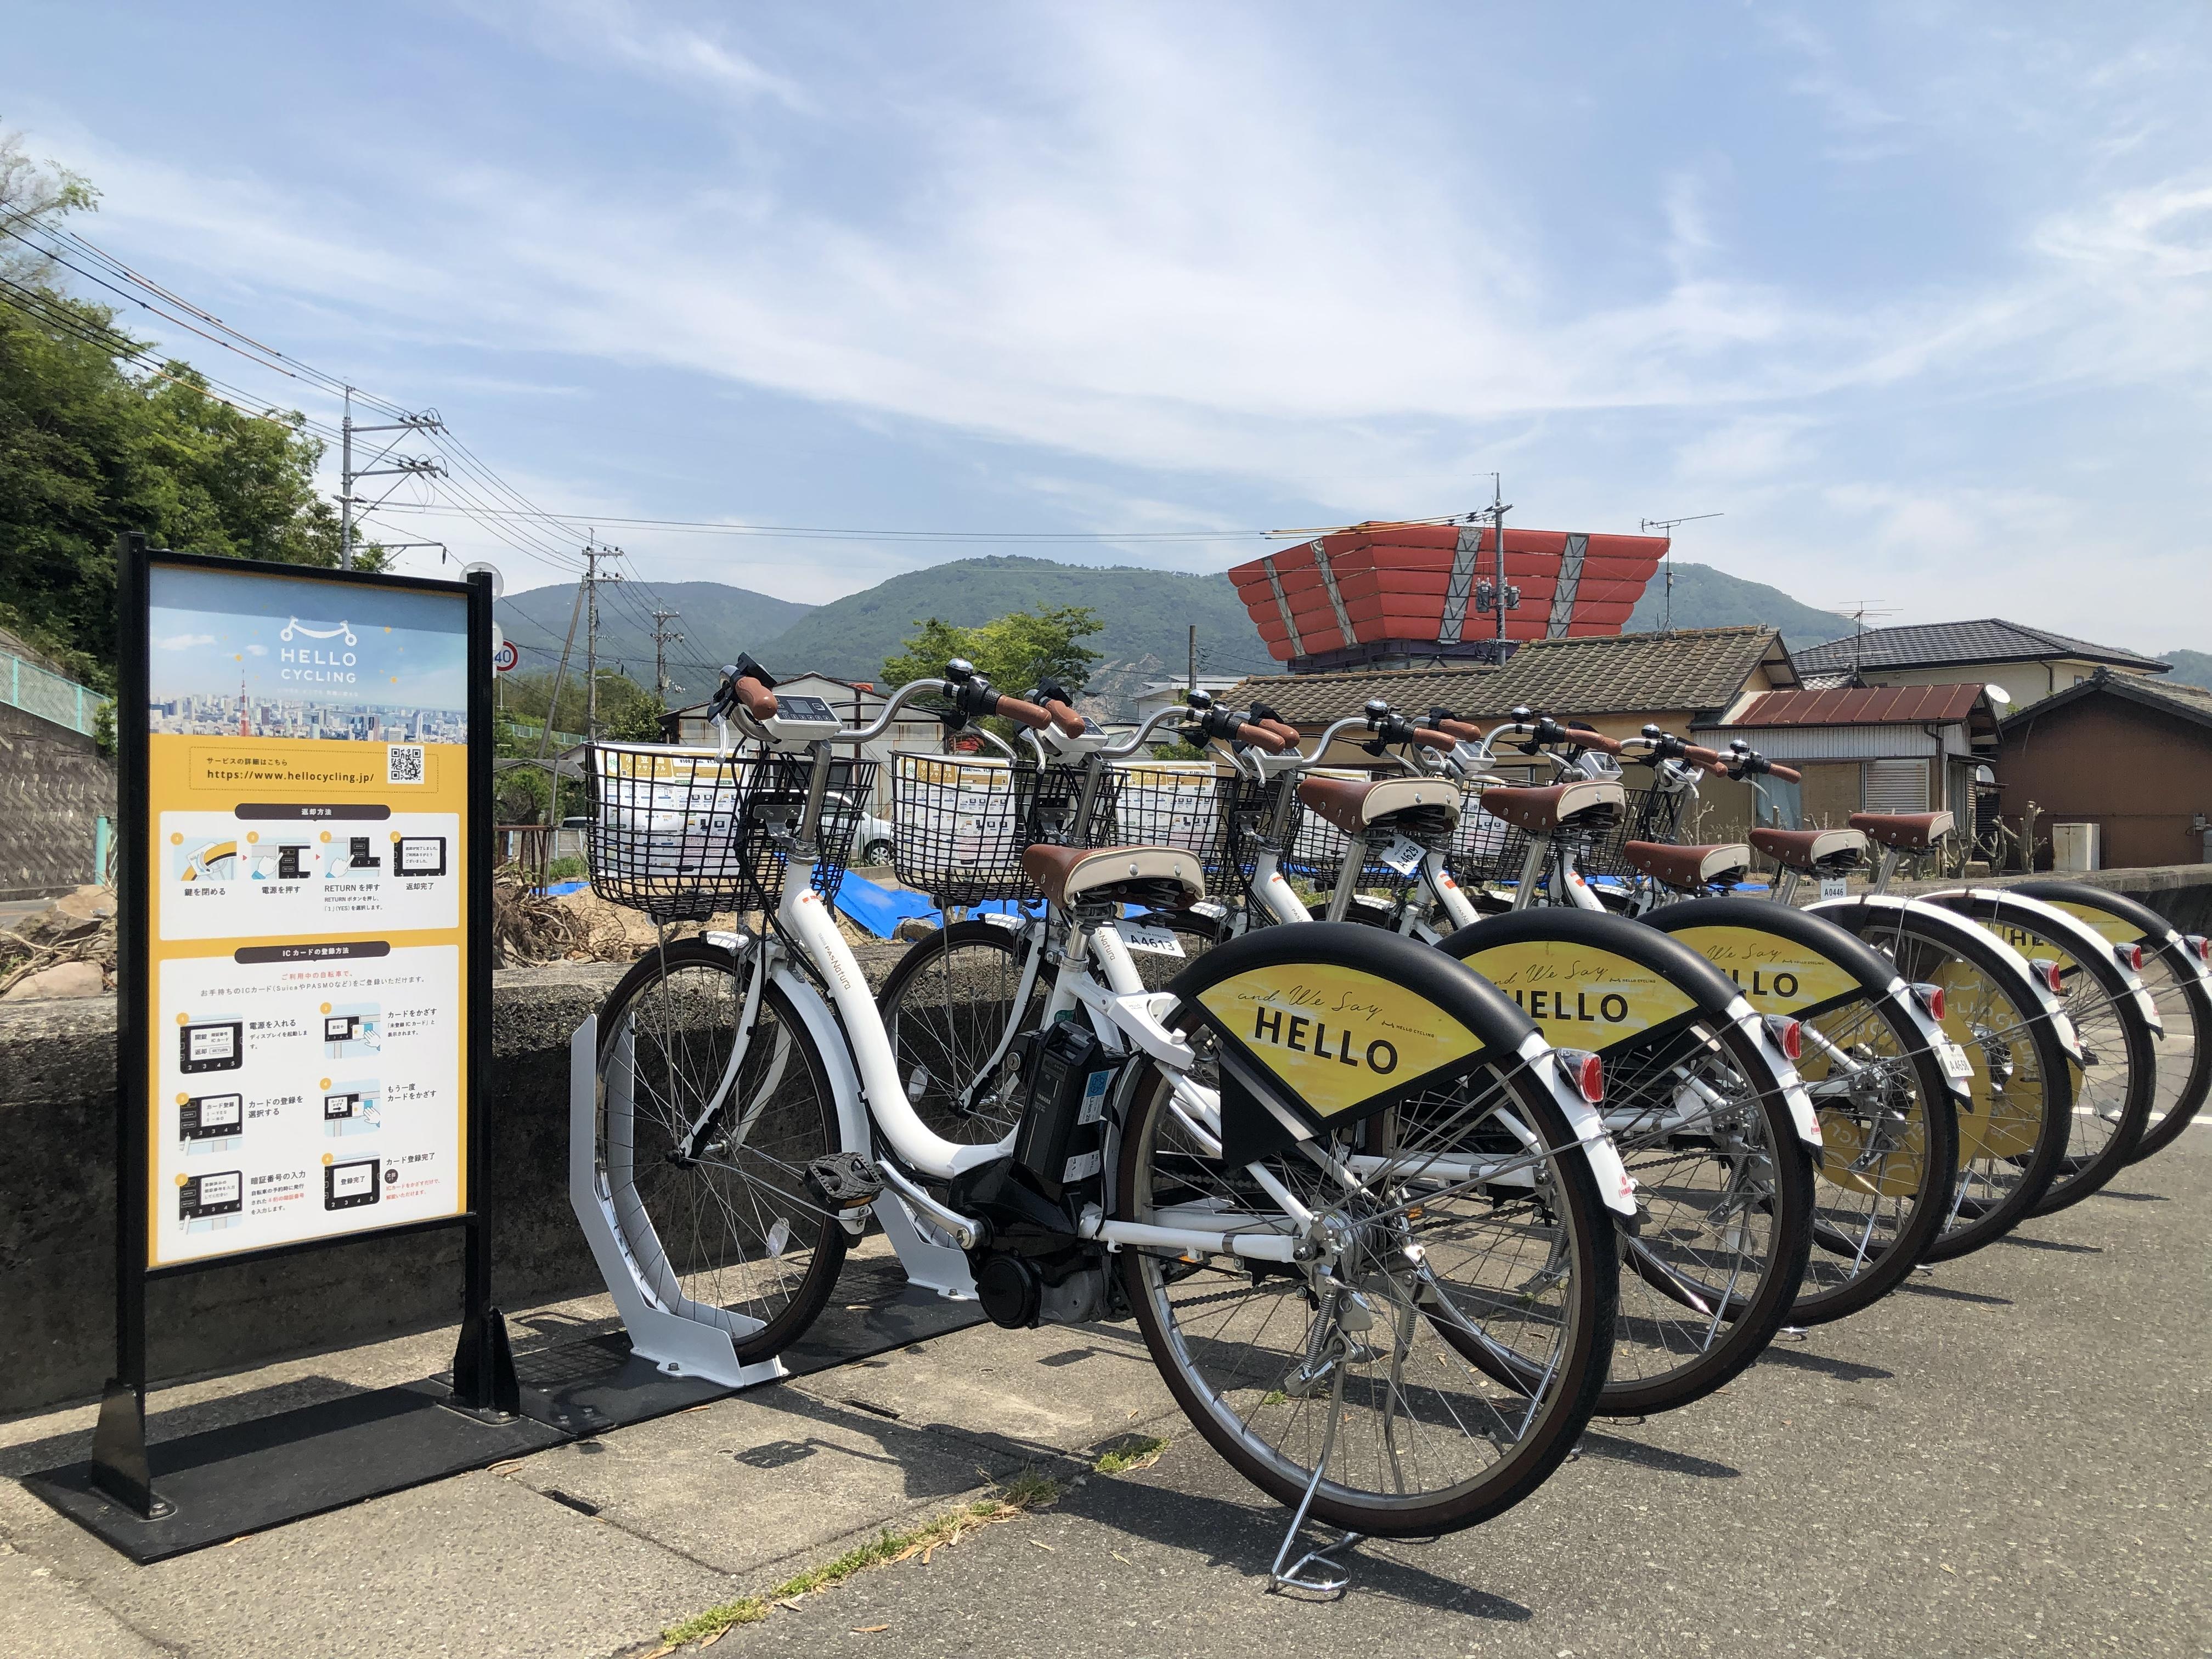 小豆島池田港バス停付近(国道沿い) (HELLO CYCLING ポート) image